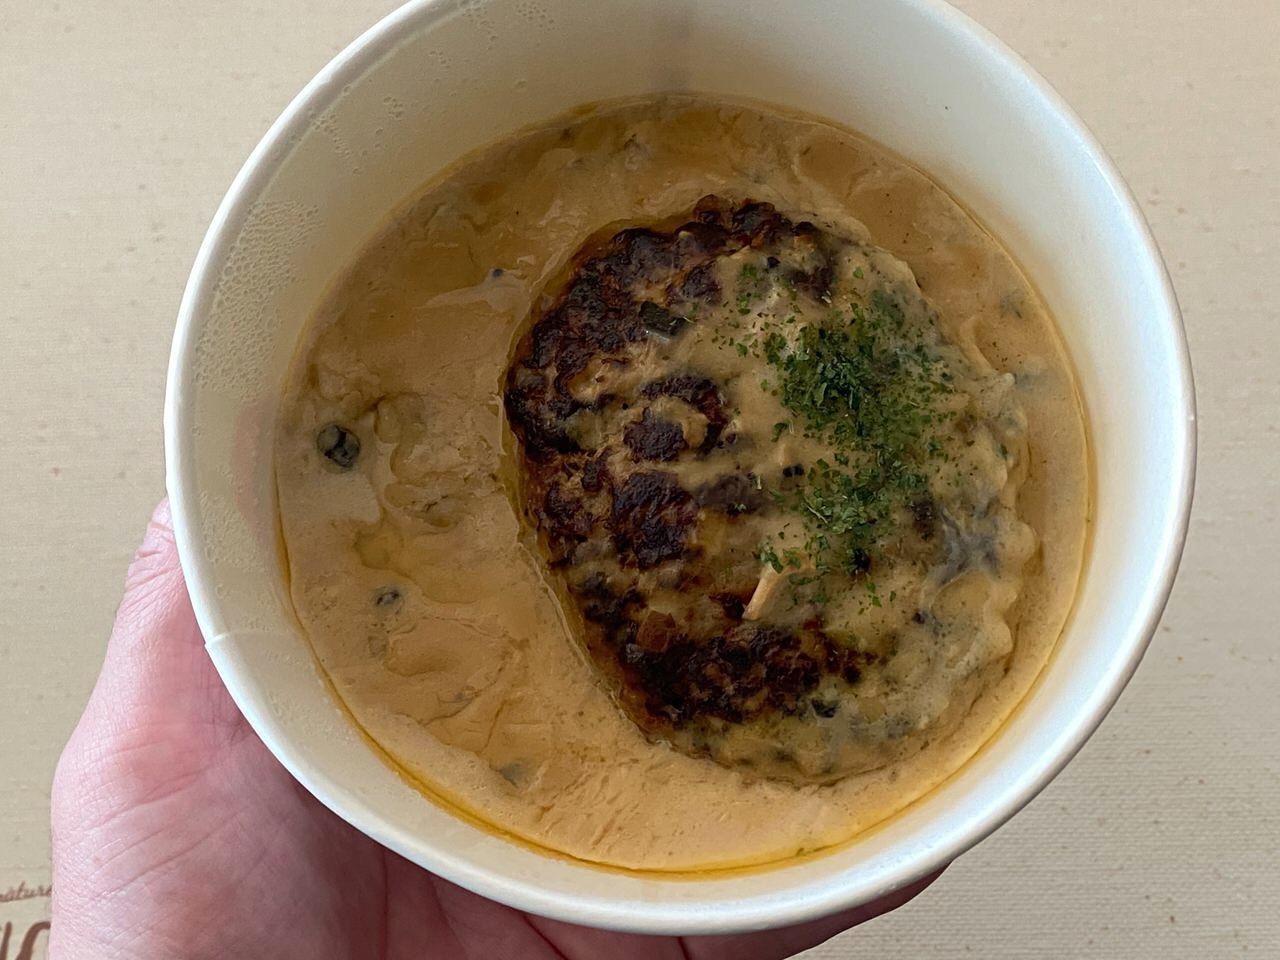 【松屋】「黒トリュフソースのビーフハンバーグ定食」4